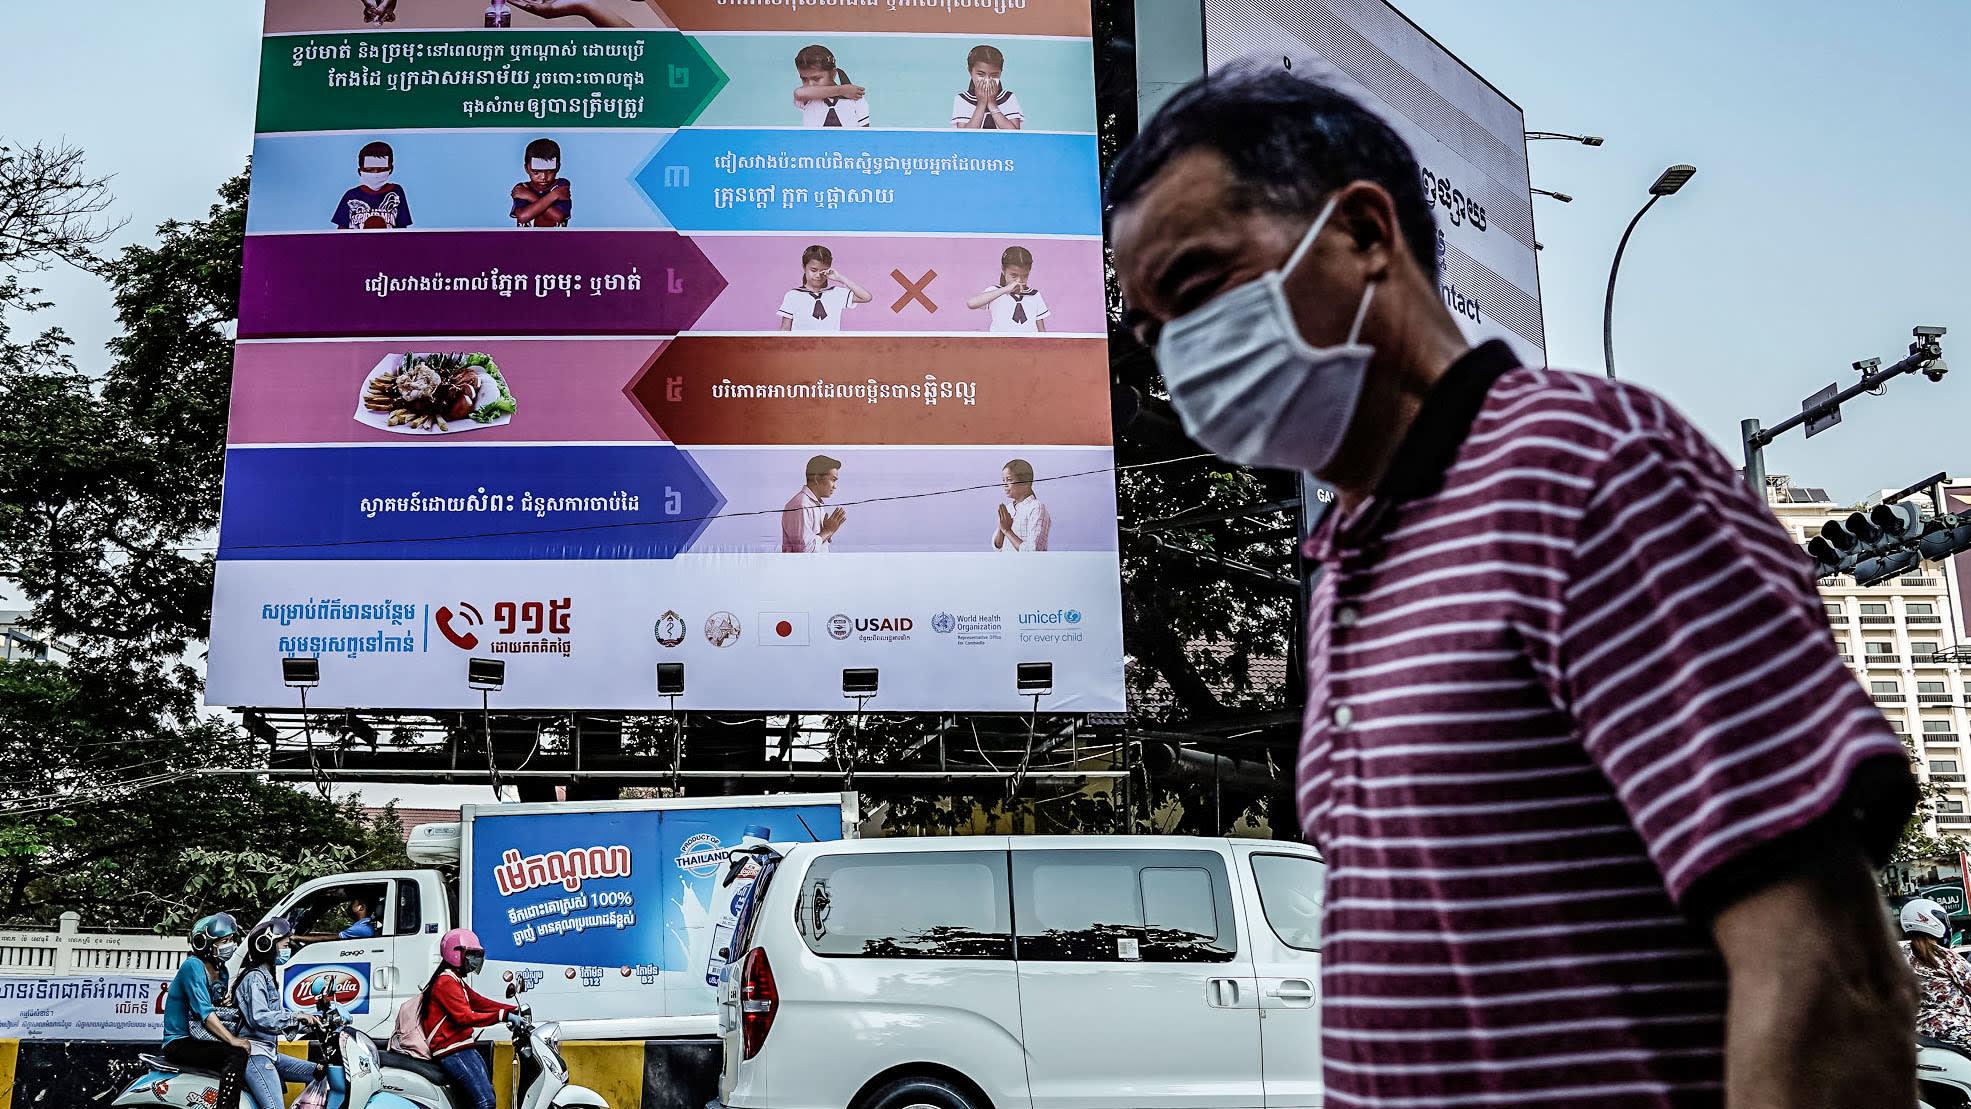 カンボジア コロナ ウイルス